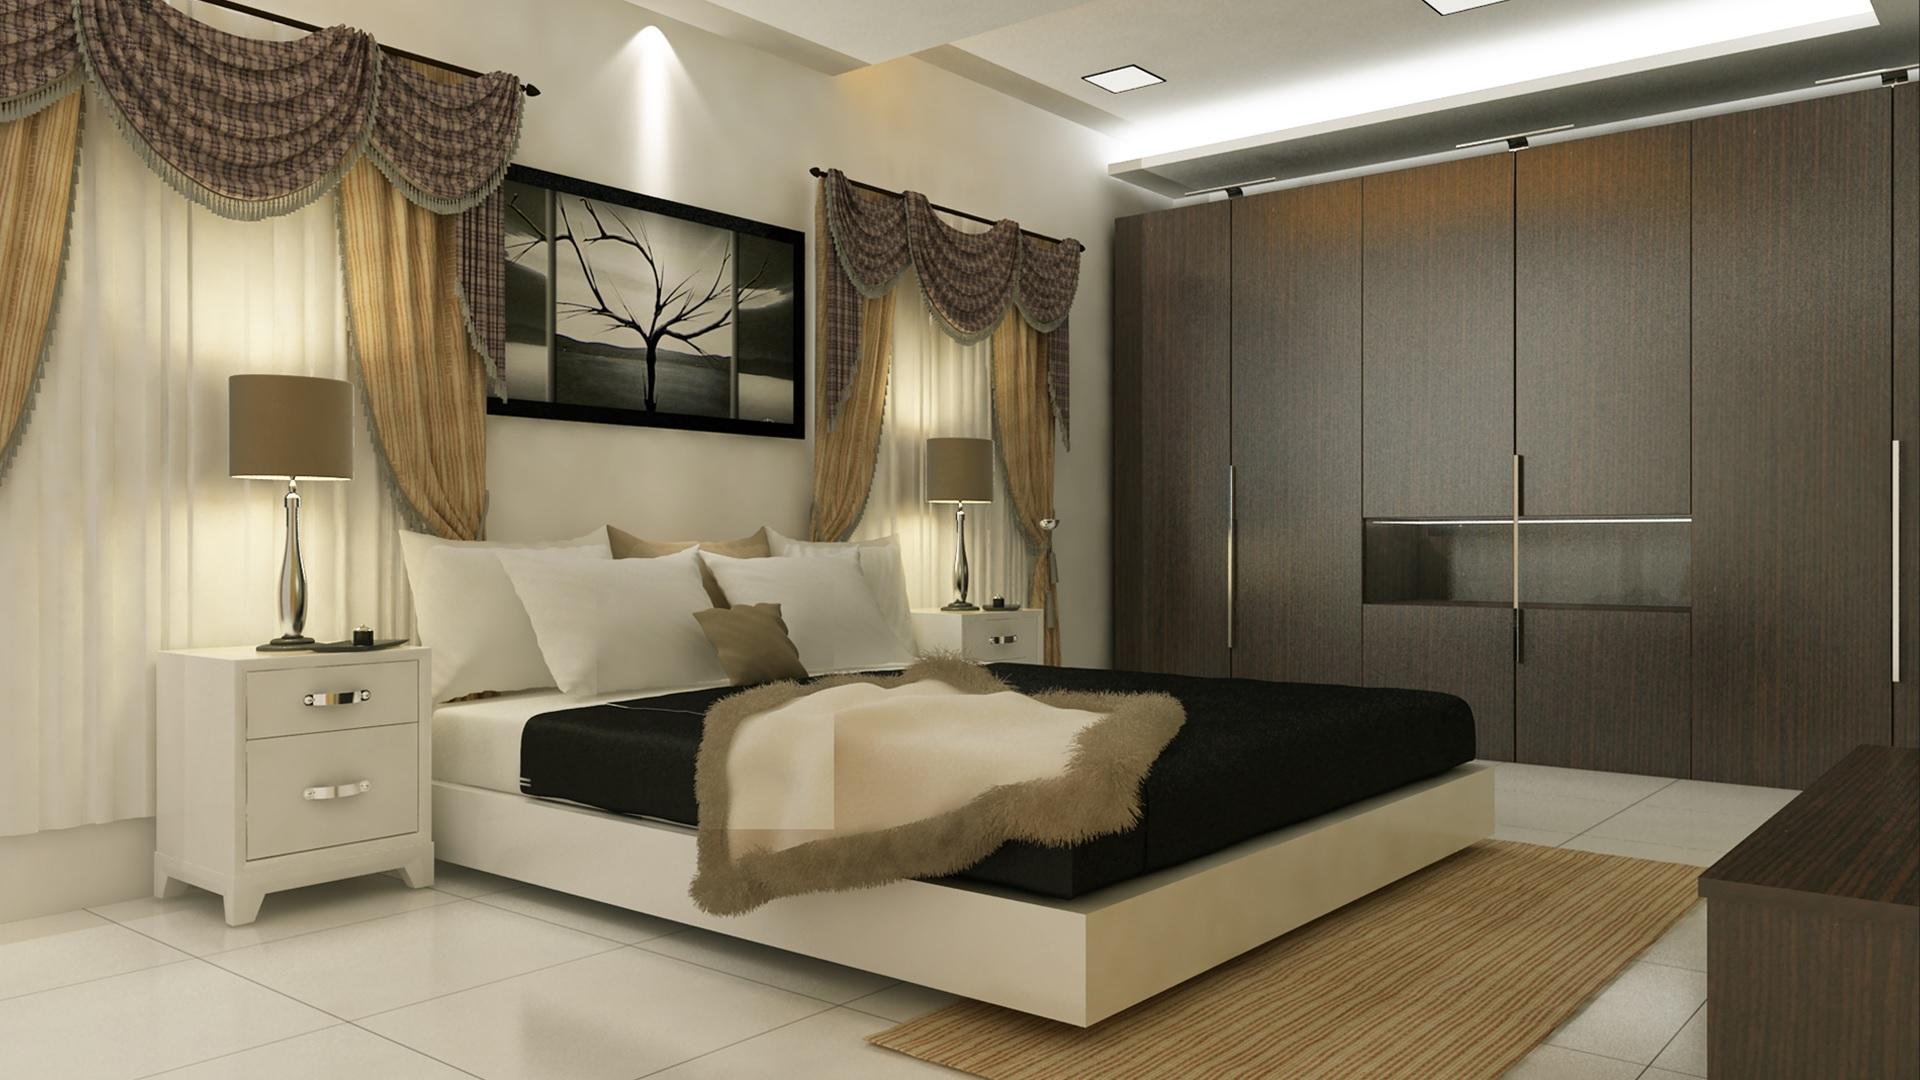 ds max scarlet apartment interiors5